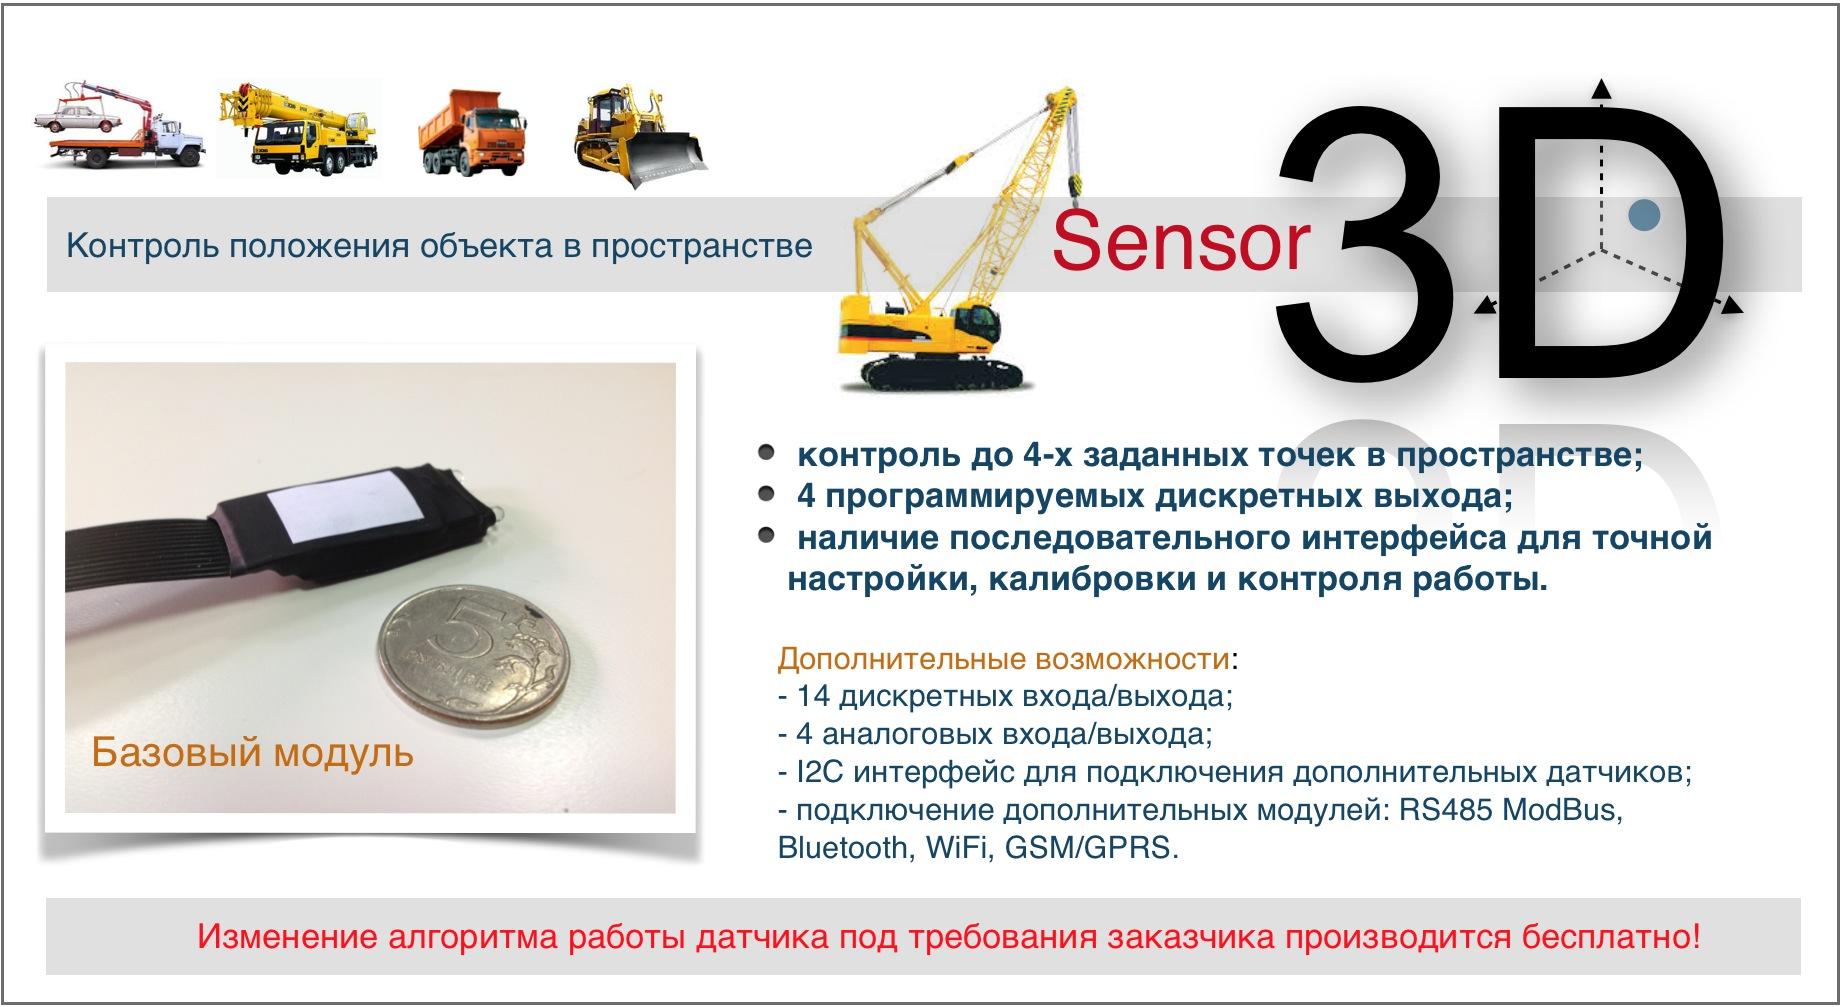 3d_sens